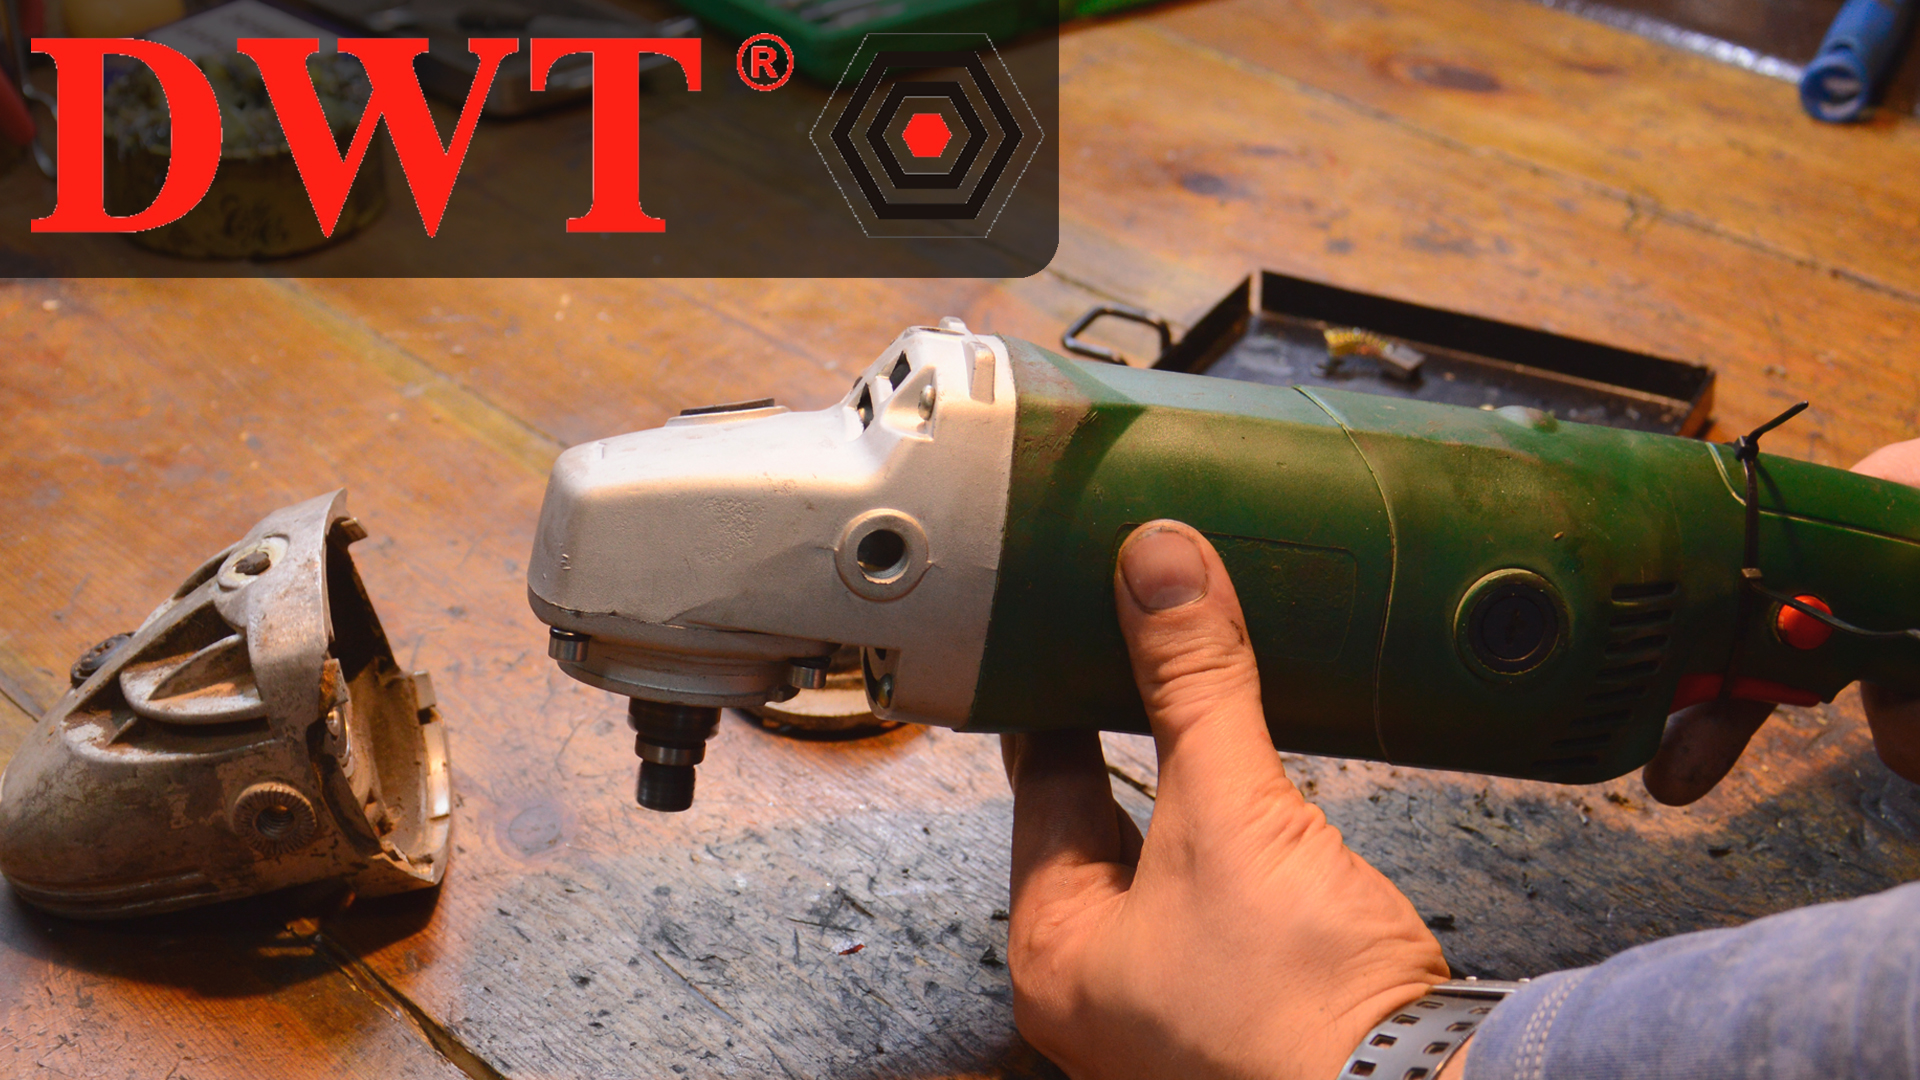 Замена / адаптация корпуса редуктора DWT WS-150 SL